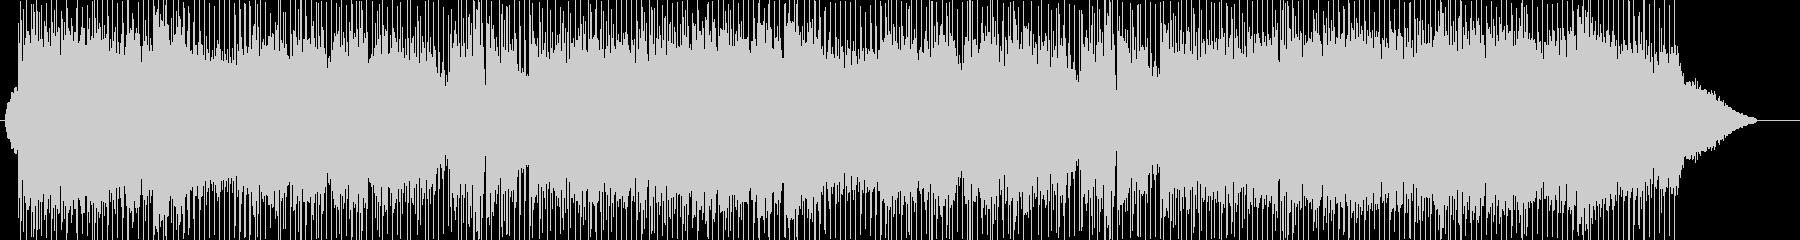 ほんわかムードのフルートソロの未再生の波形